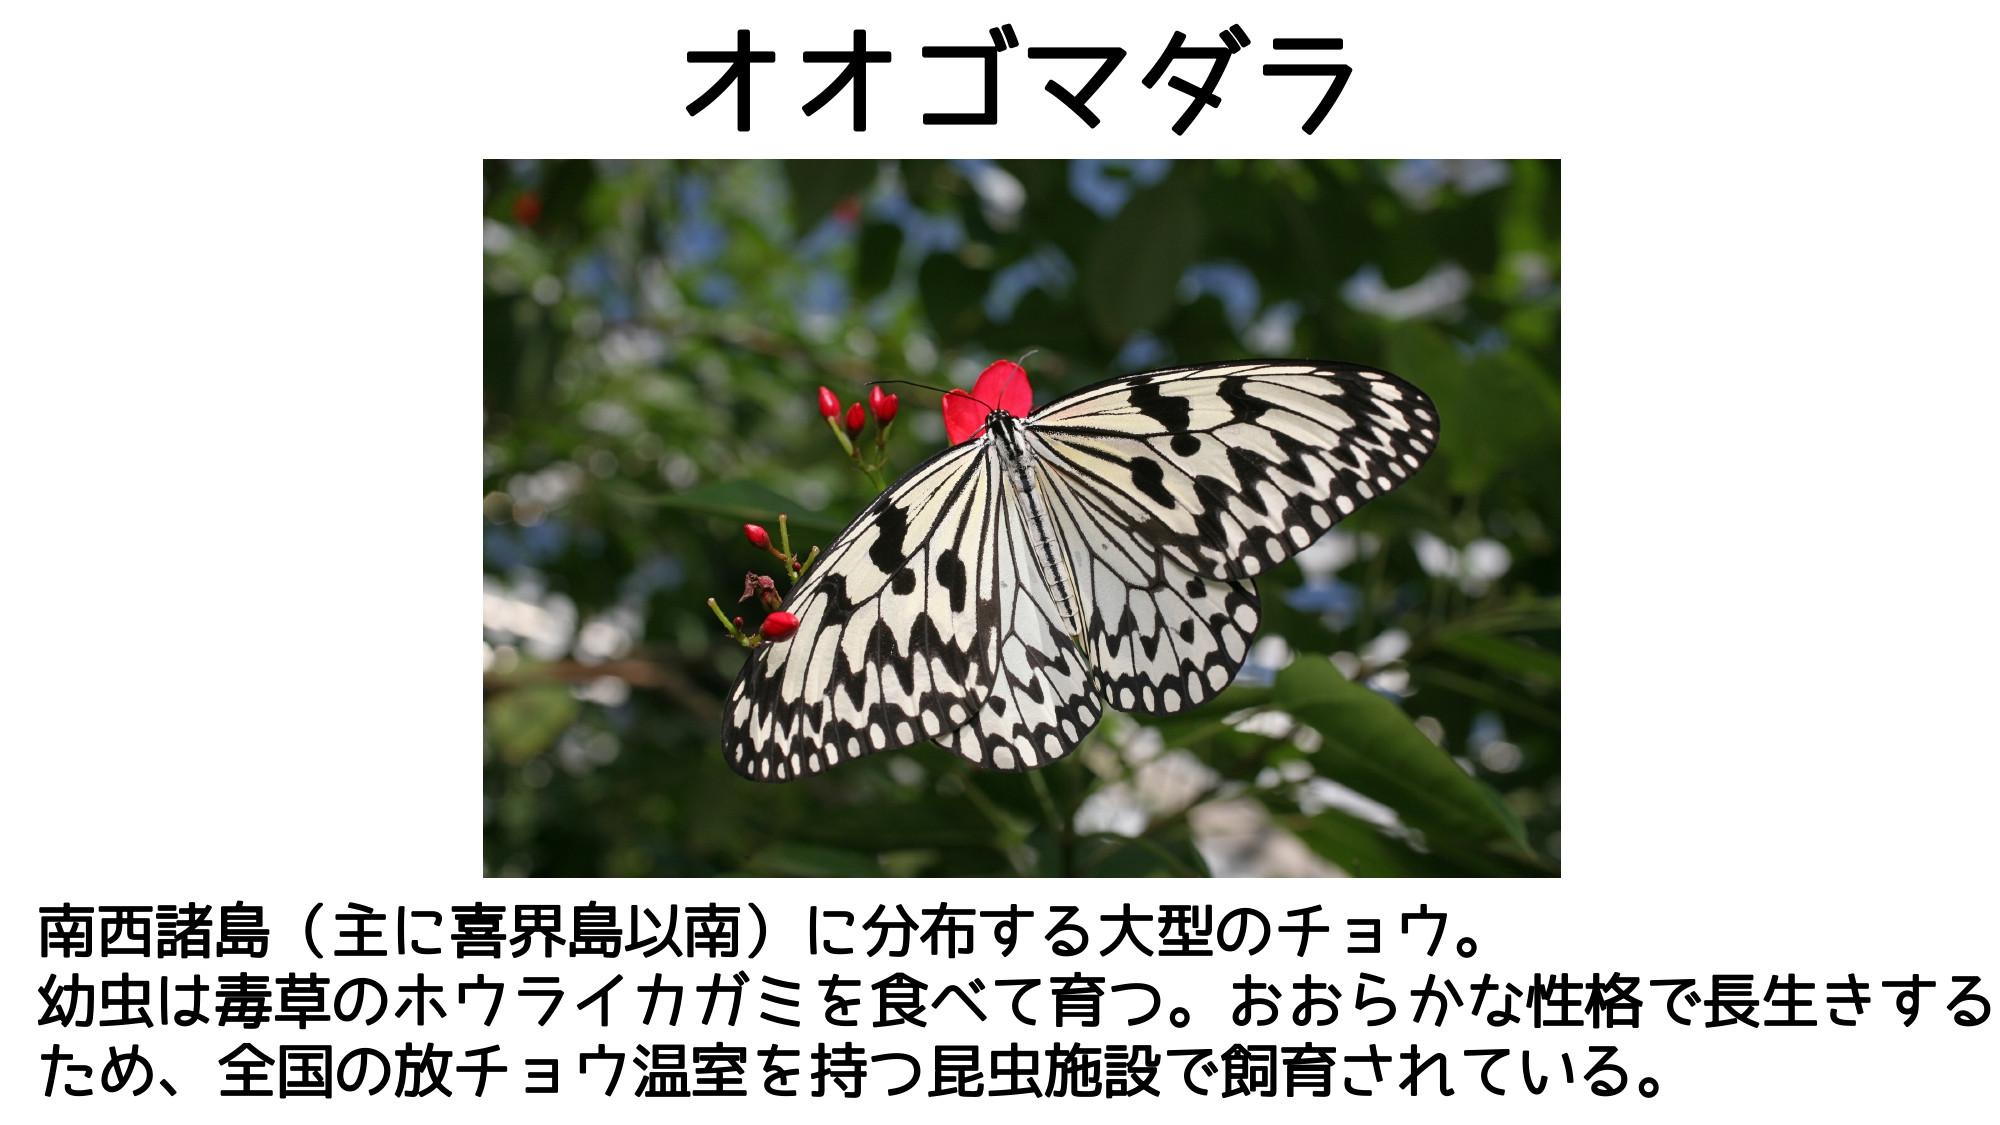 どこ博講演_2020ふれあい昆虫館 (1)